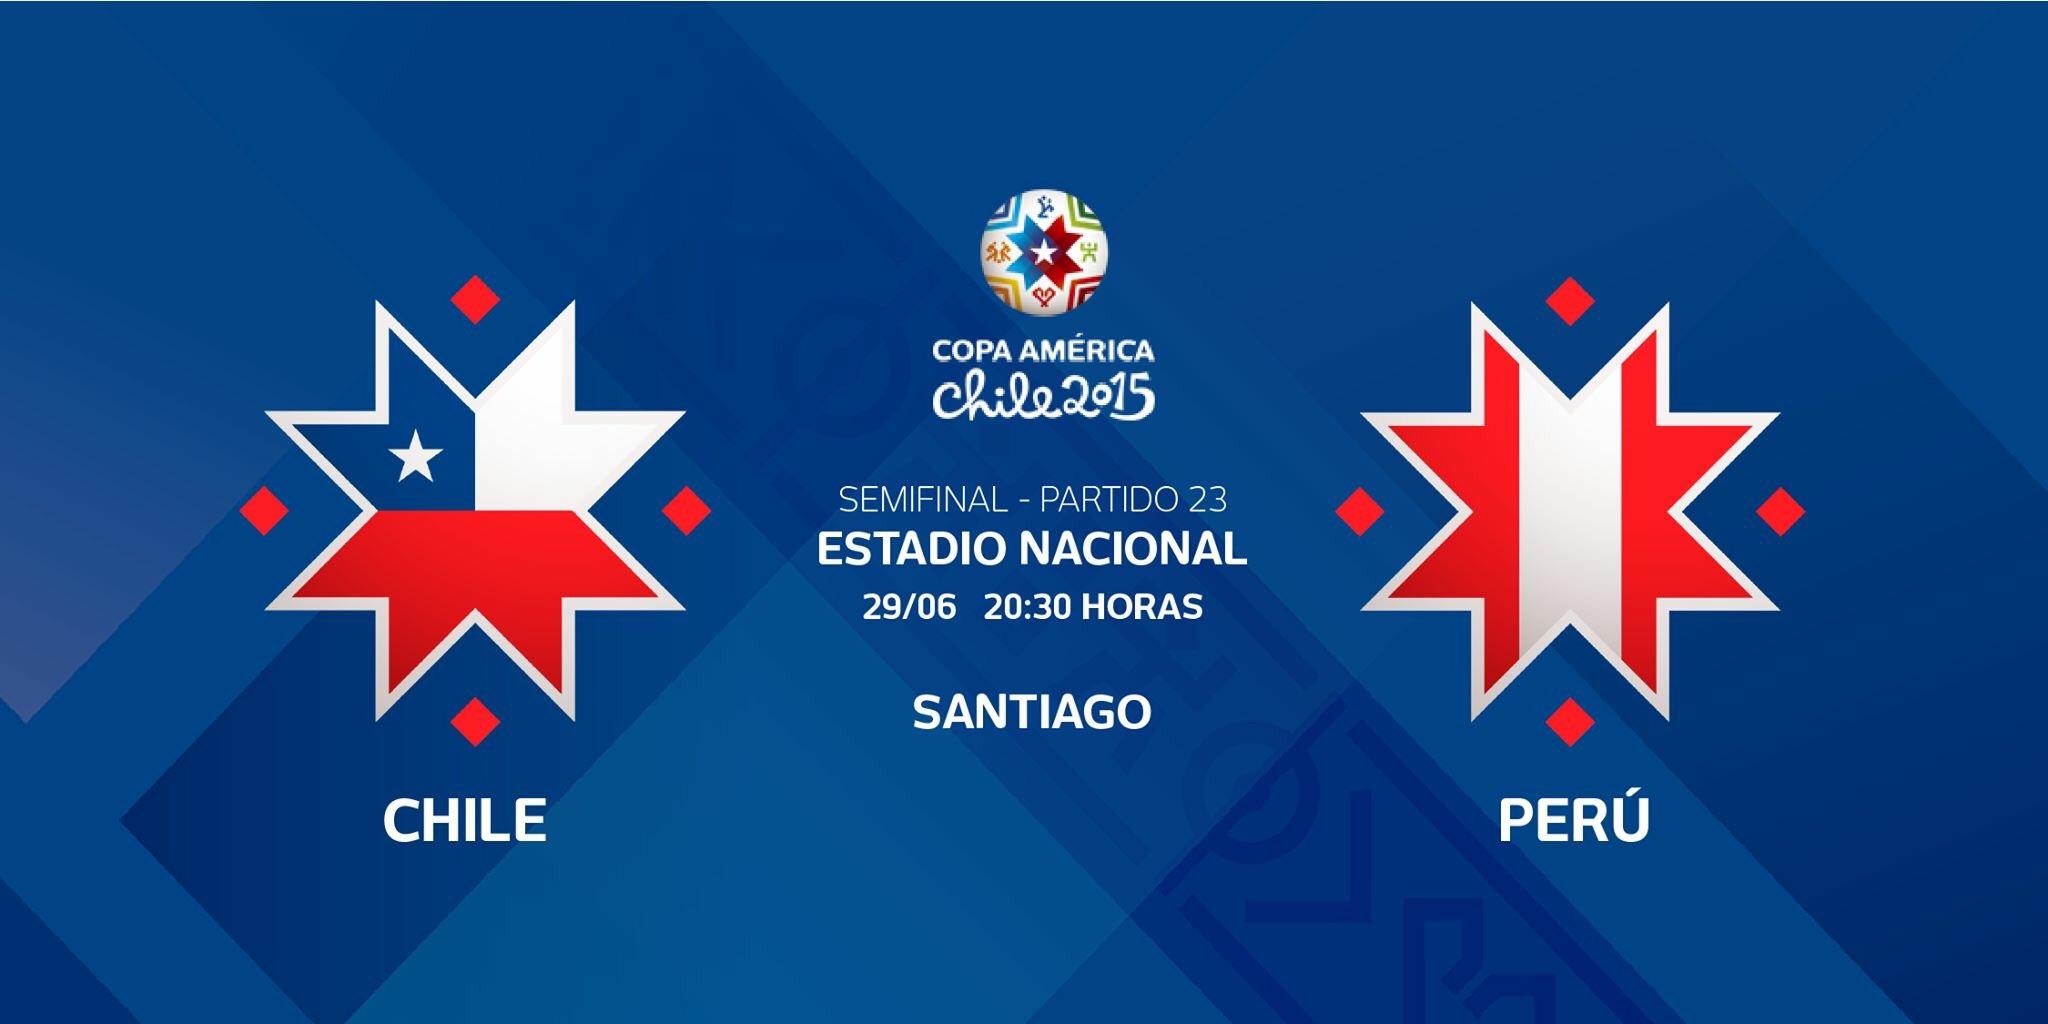 تقديم: تشيلي في مواجهة بيرو مفاجأة البطولة